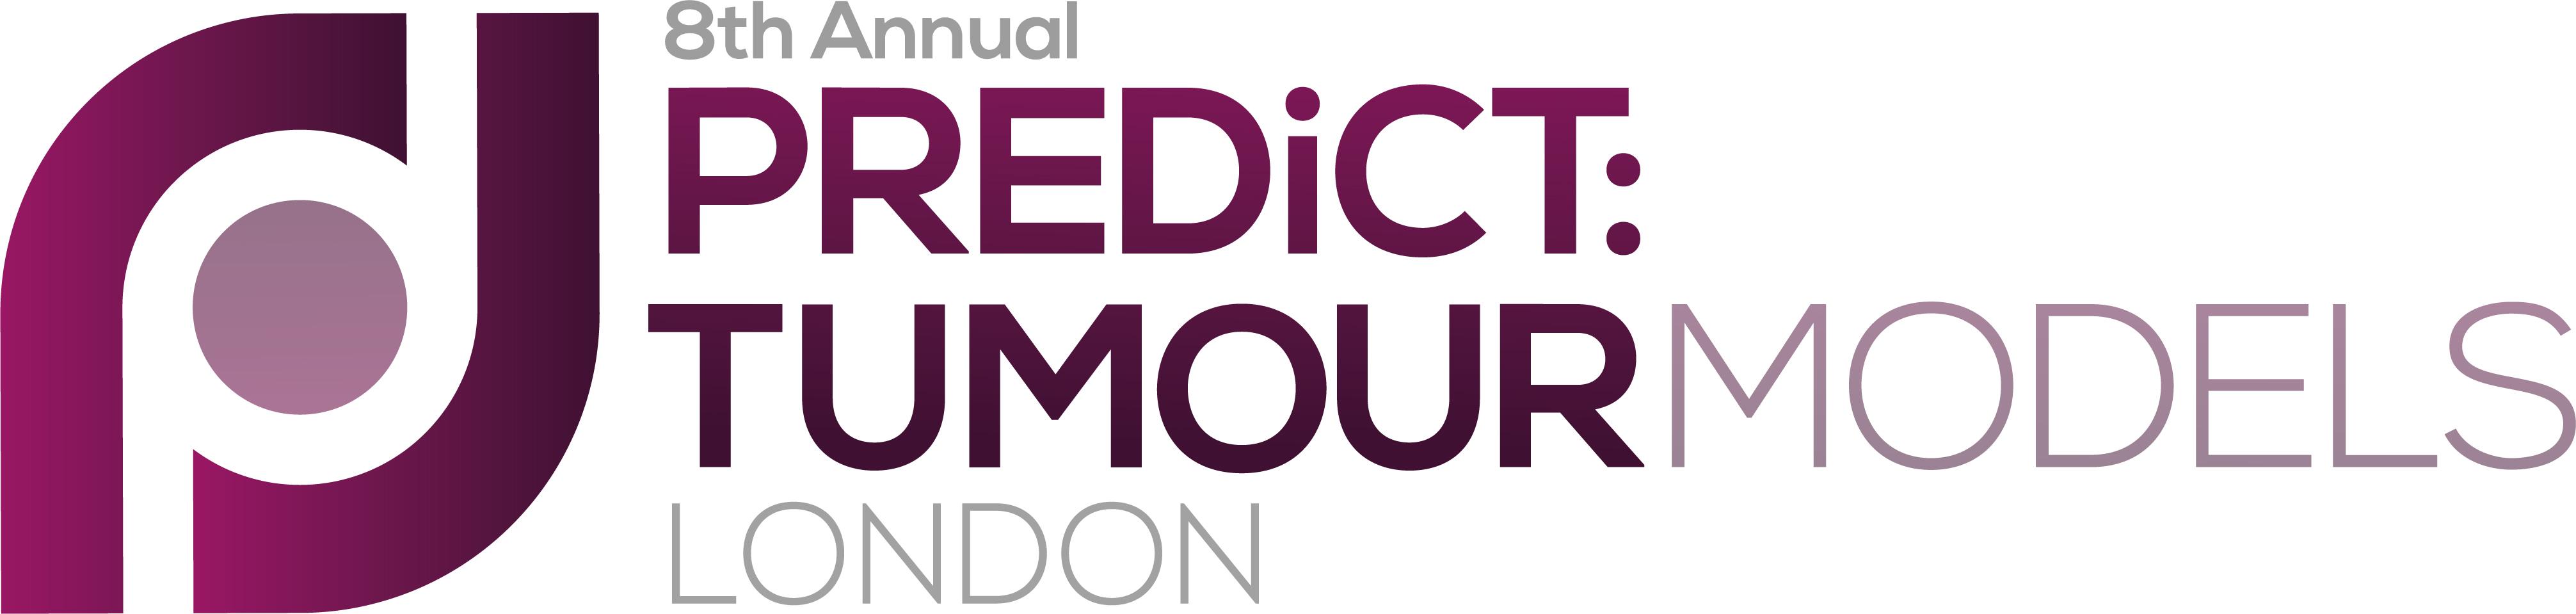 PREDiCT_Tumor Models London